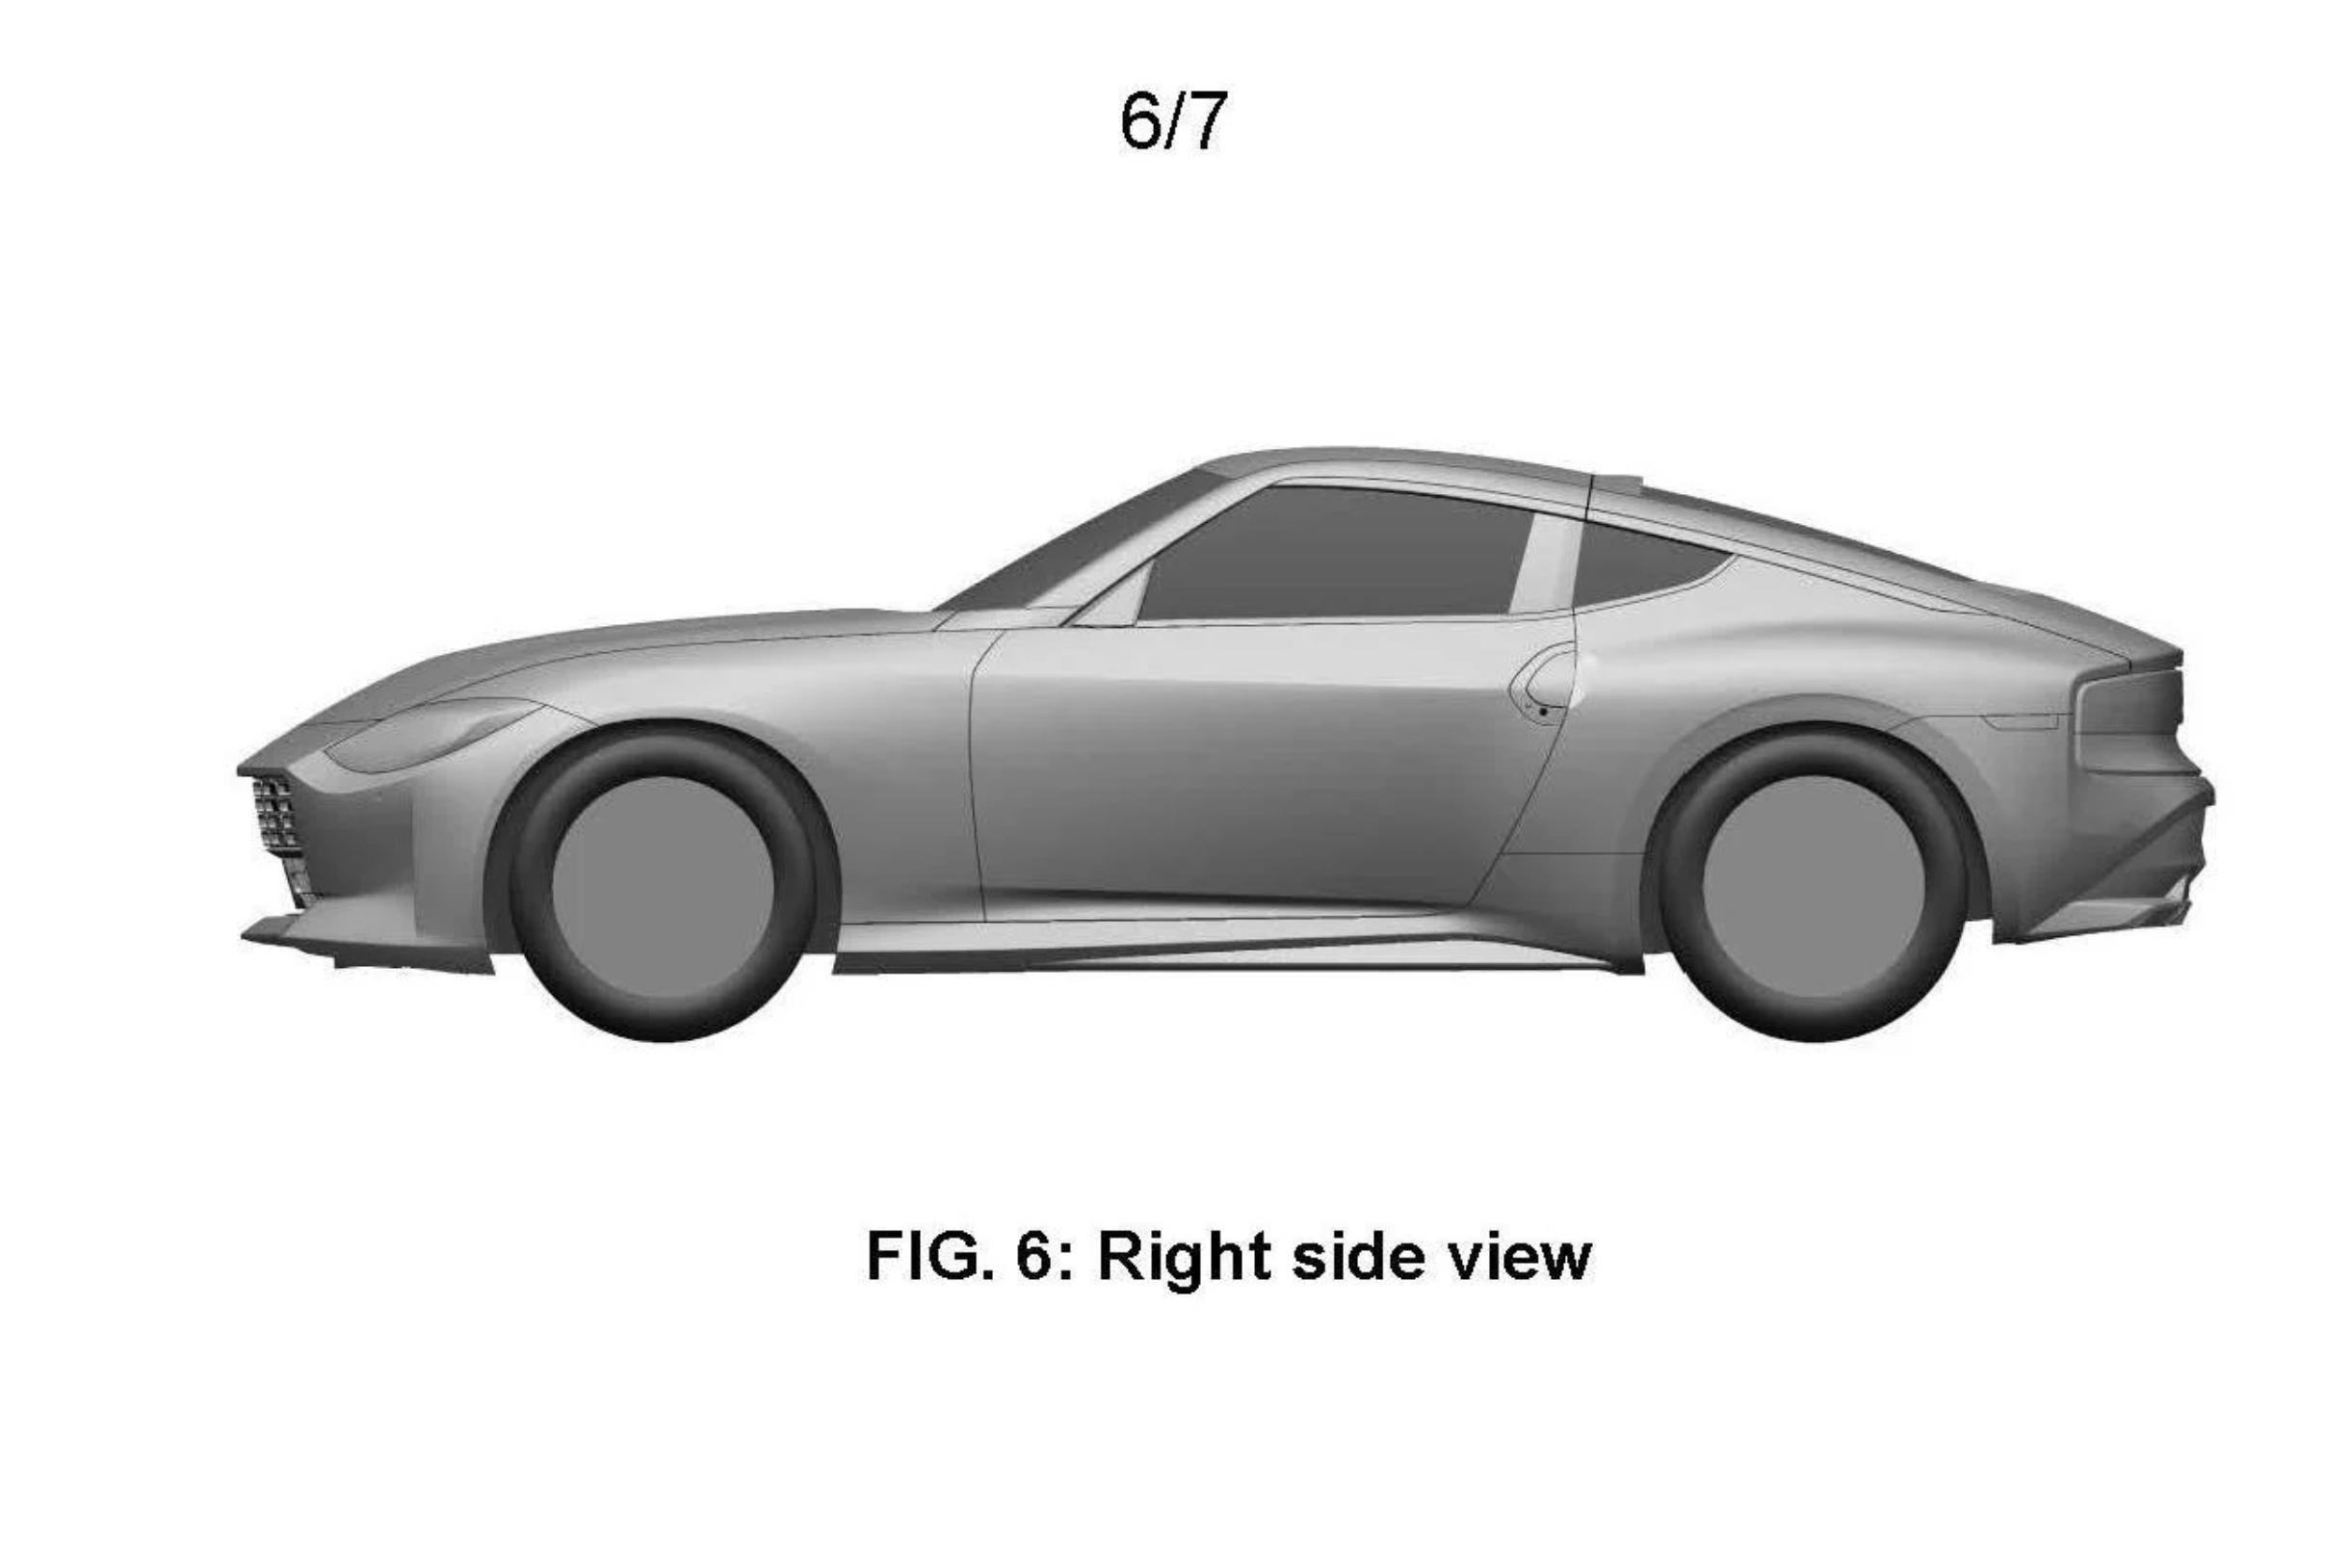 Nissan-400Z-patent-images-5